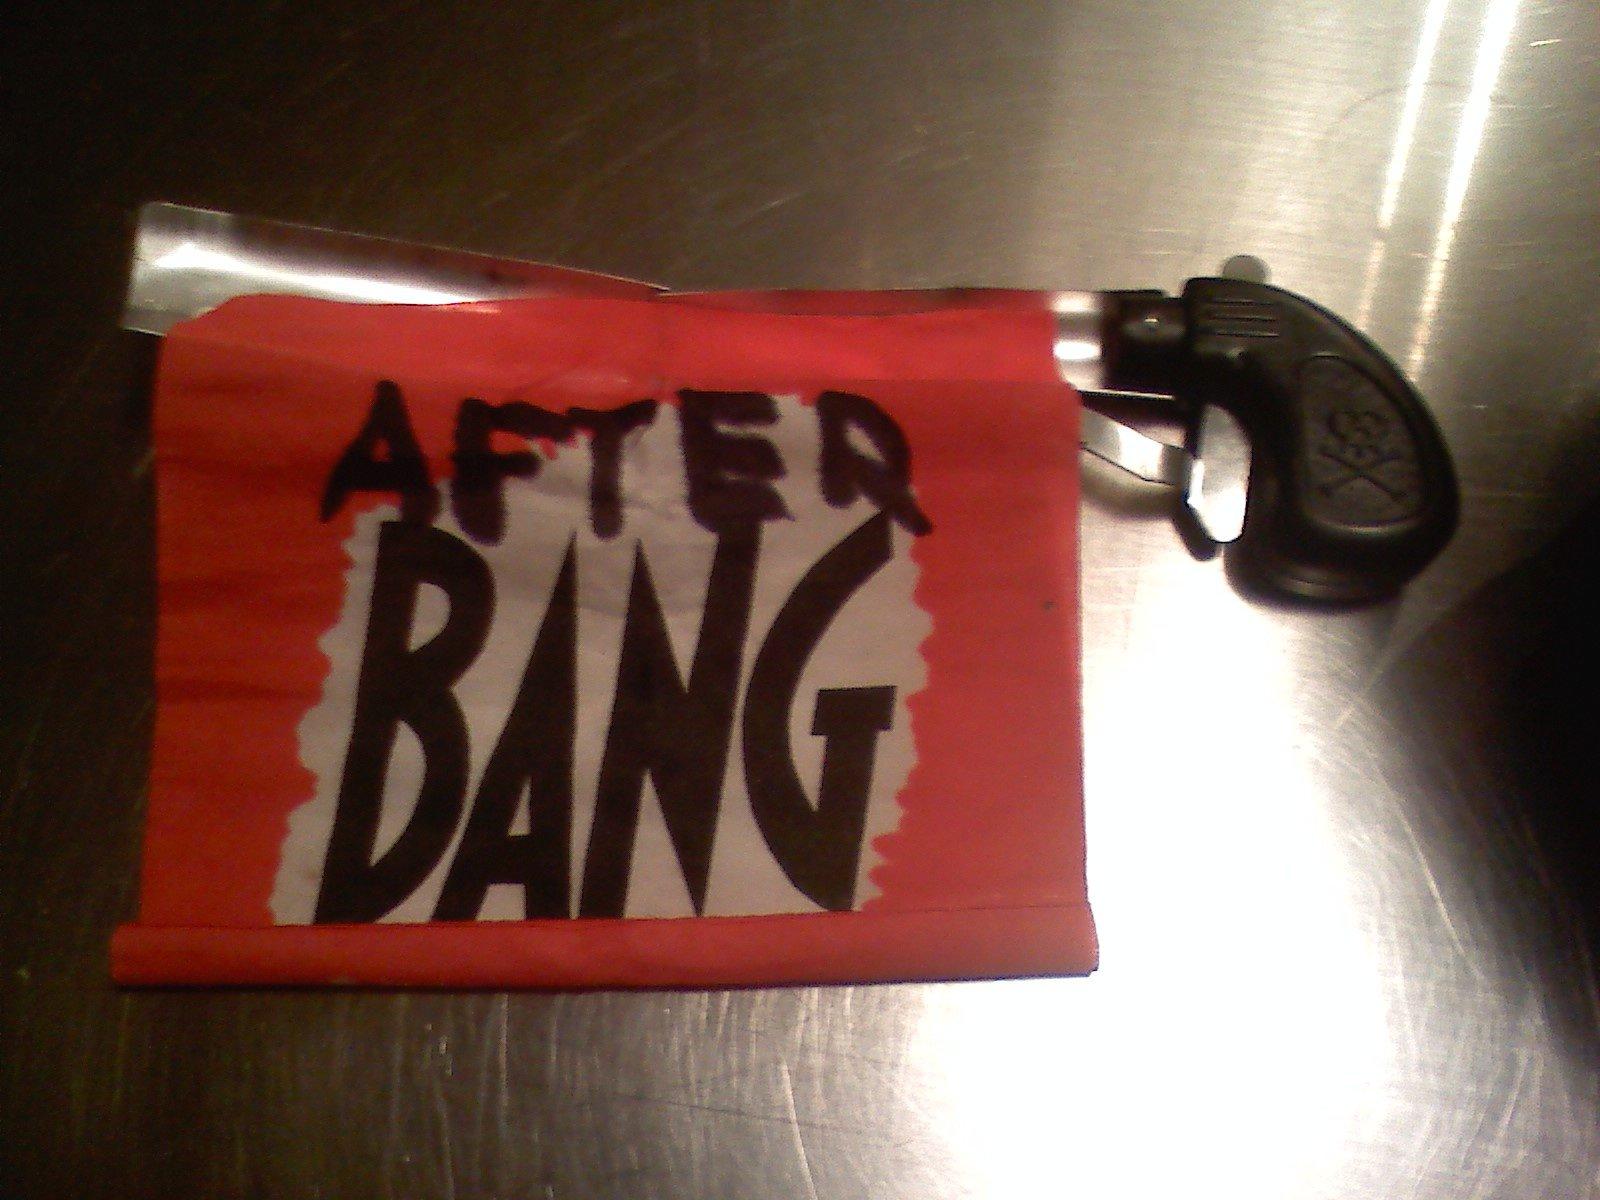 Afterbang Gun